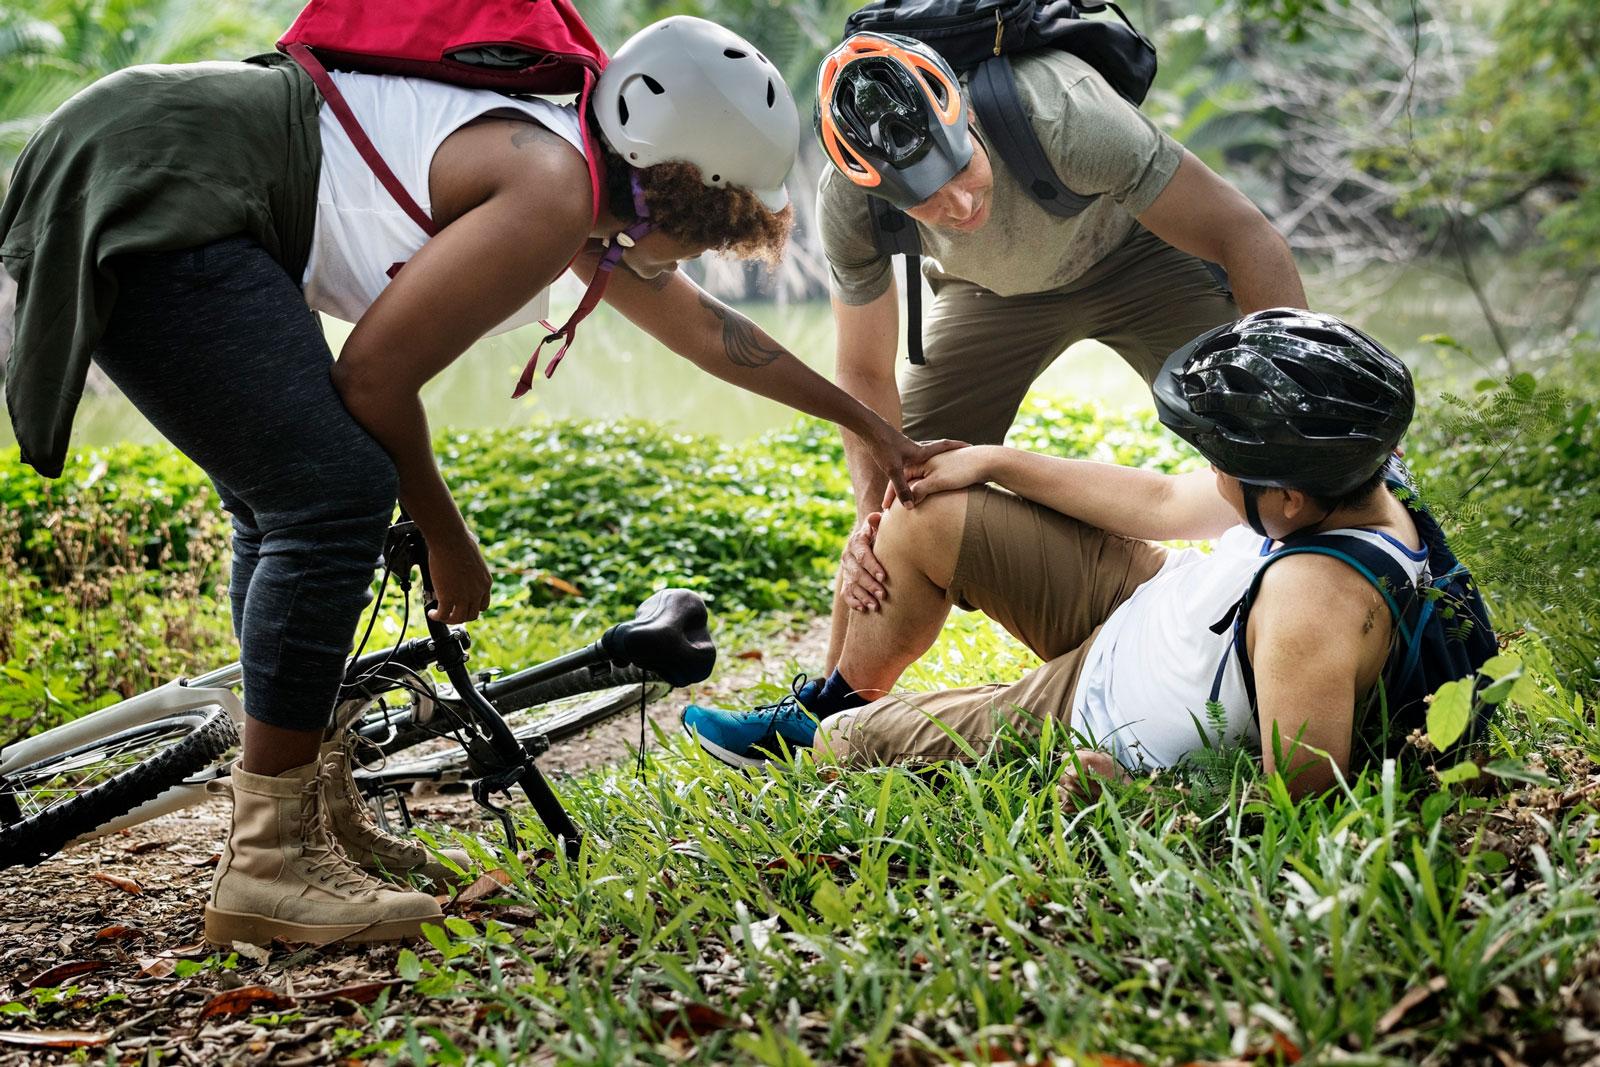 Unfallversicherungen mit Zusätzen wie einem Sport-Paket erweitern den Langzeitschutz auch auf die Freizeit und auf deine Lieblingshobbys.